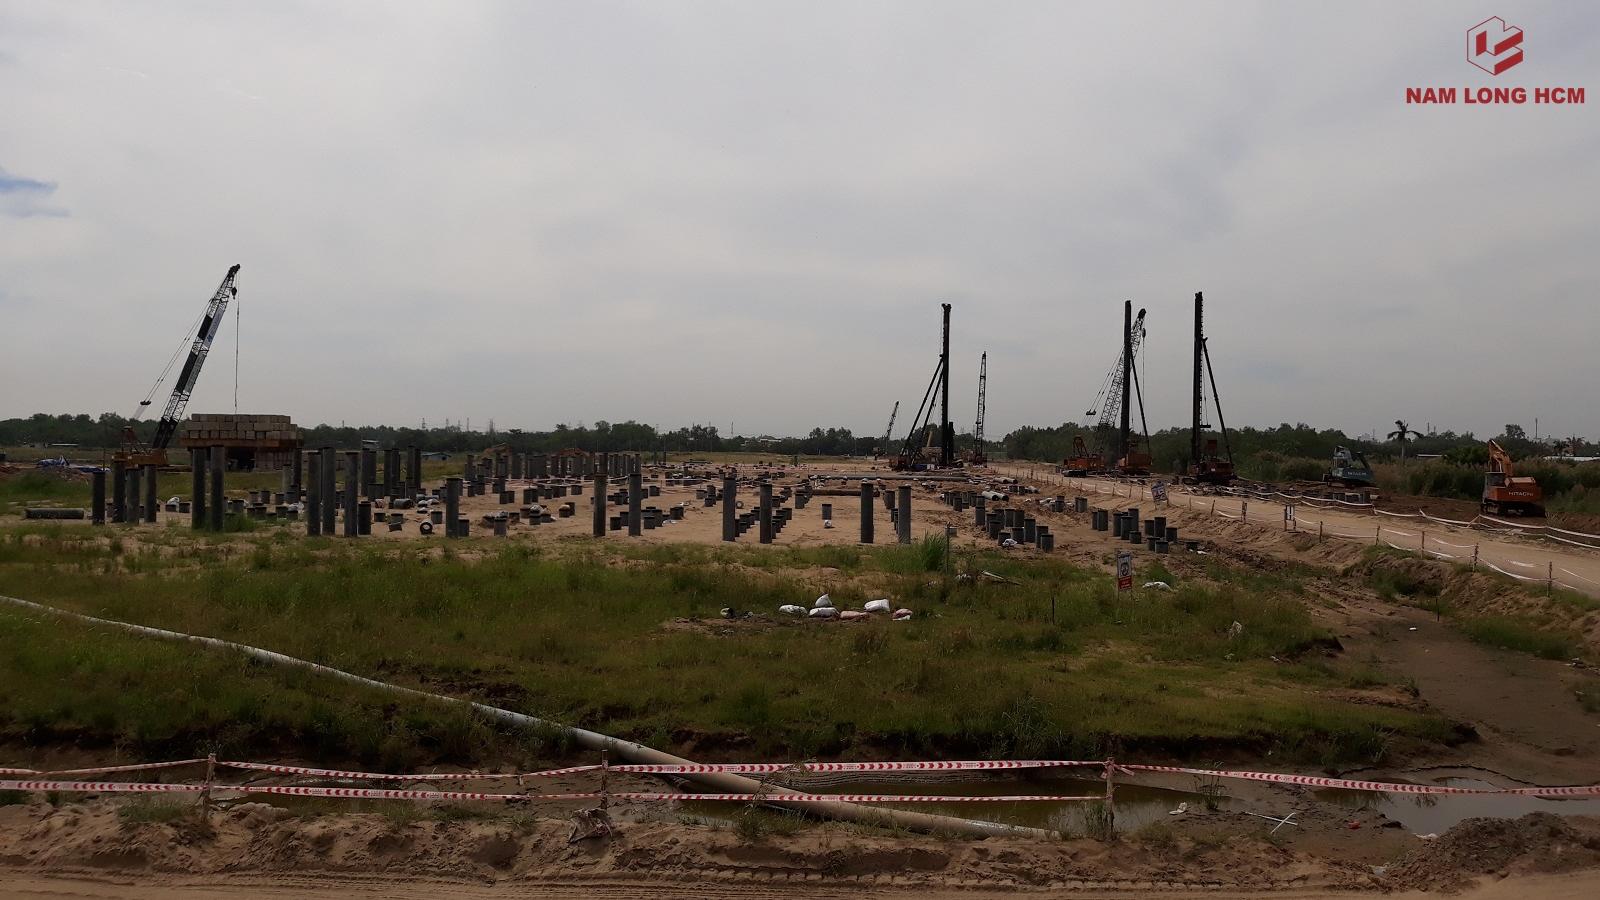 Các Block Ehome S Nam Long Bình Chánh còn lại, đơn vị xây dựng đang tiến hành thi công phần móng cọc. Ảnh: Nam Long HCM